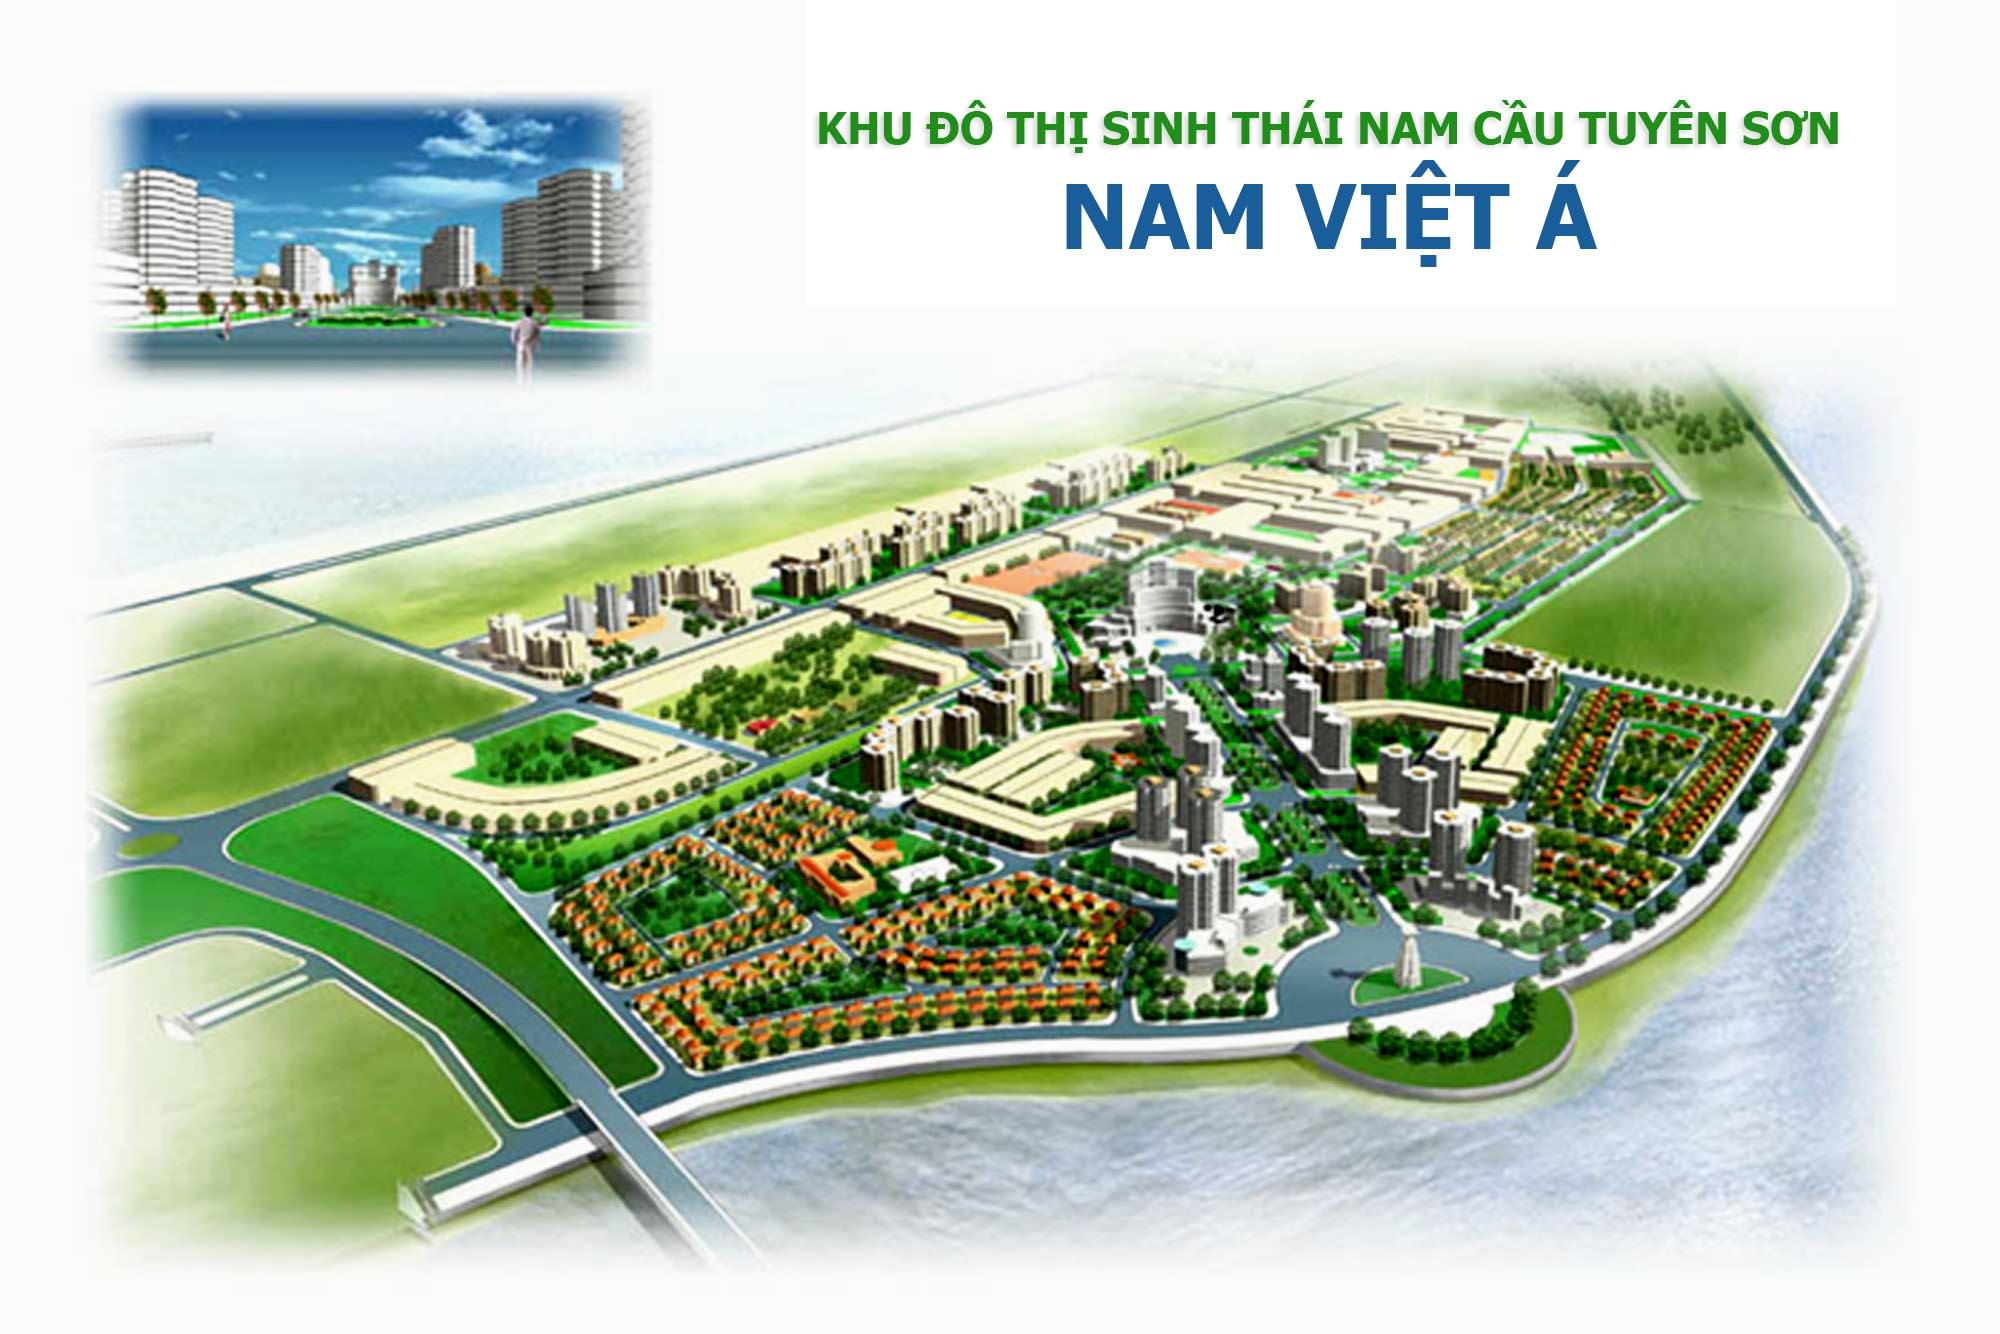 Đất Nam Việt Á Đà Nẵng, dự án khu đô thị nam cầu Tuyên Sơn